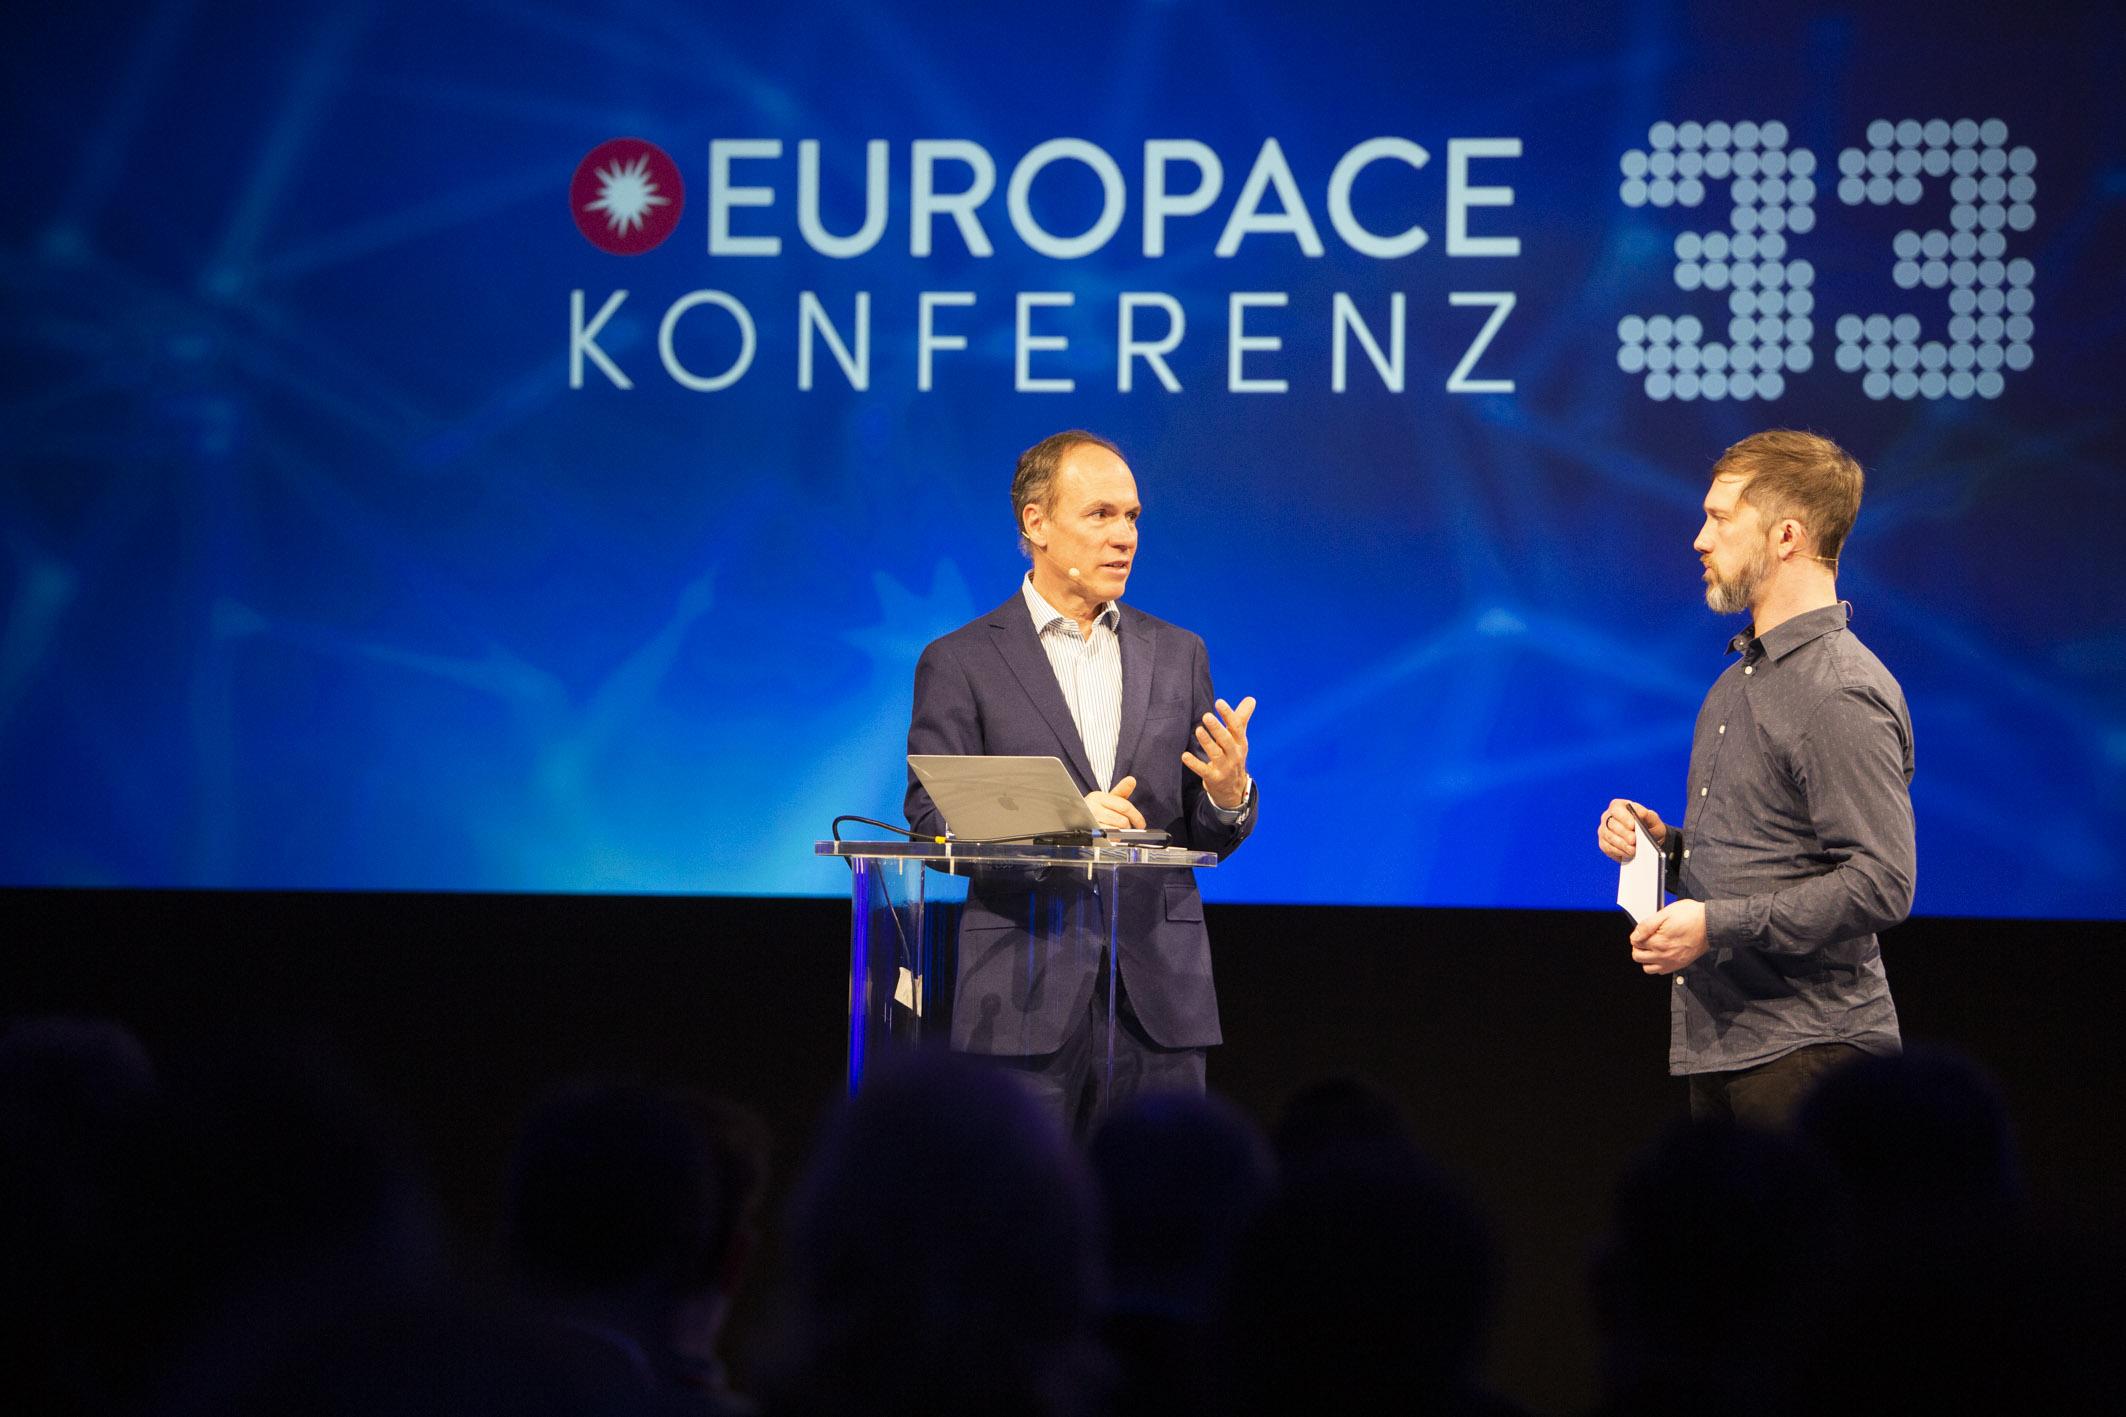 33. Europace Konferenz: Die Plattformen machen den Umsatz - Disruptive Geschäftsmodelle für veränderliche Zeiten